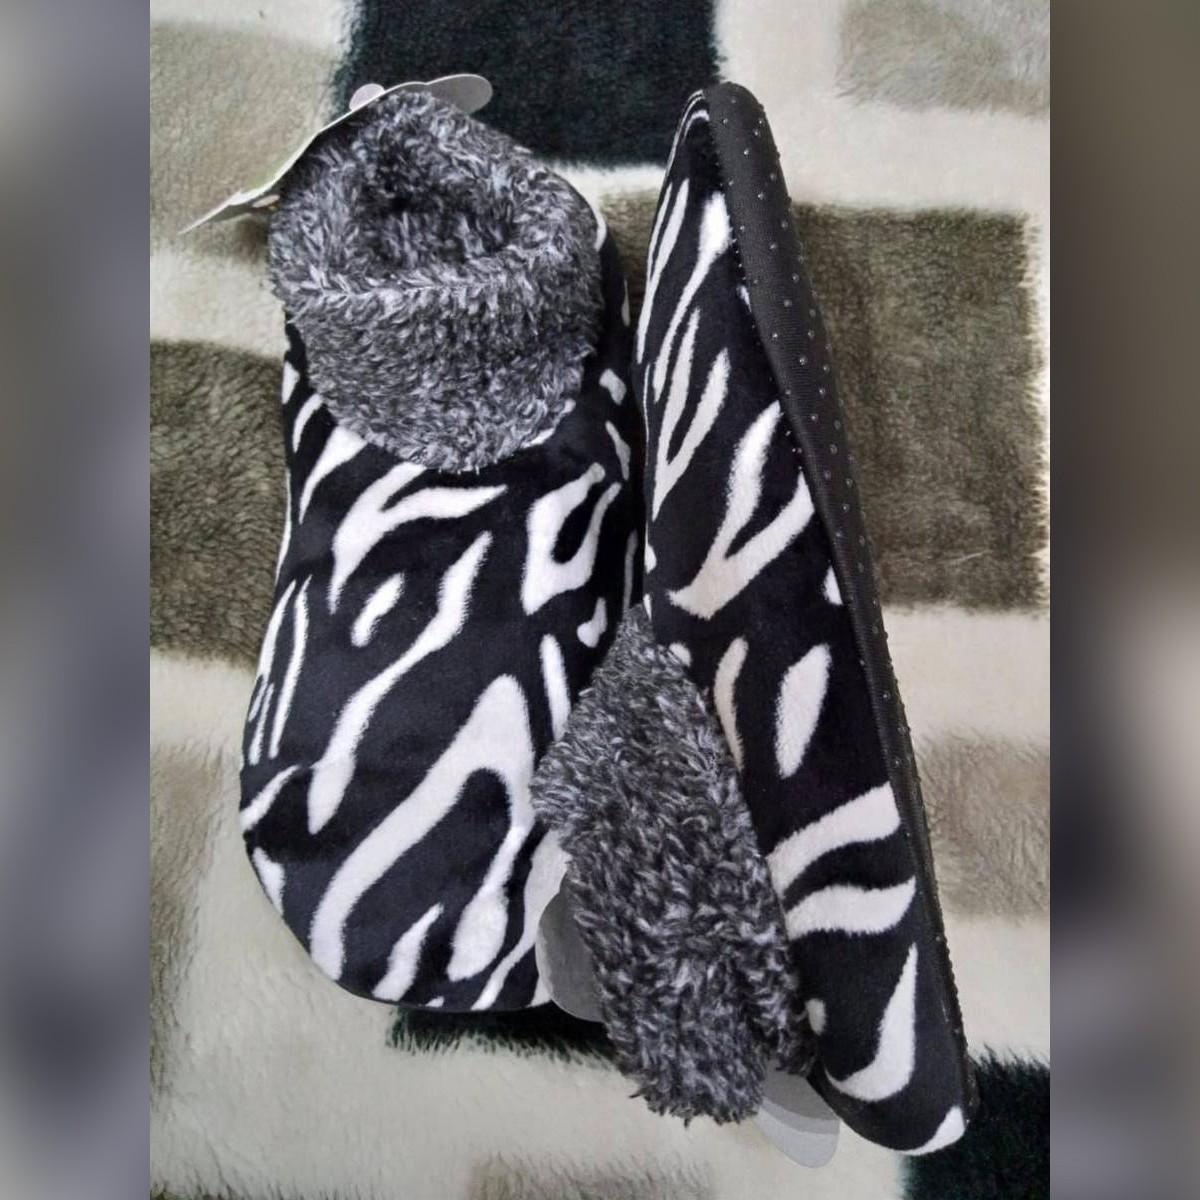 Ladies/Girls Velvet Woolen Carpet Slipper Socks - Soft - Comfortable - Cute Winter warm  Slipper Socks